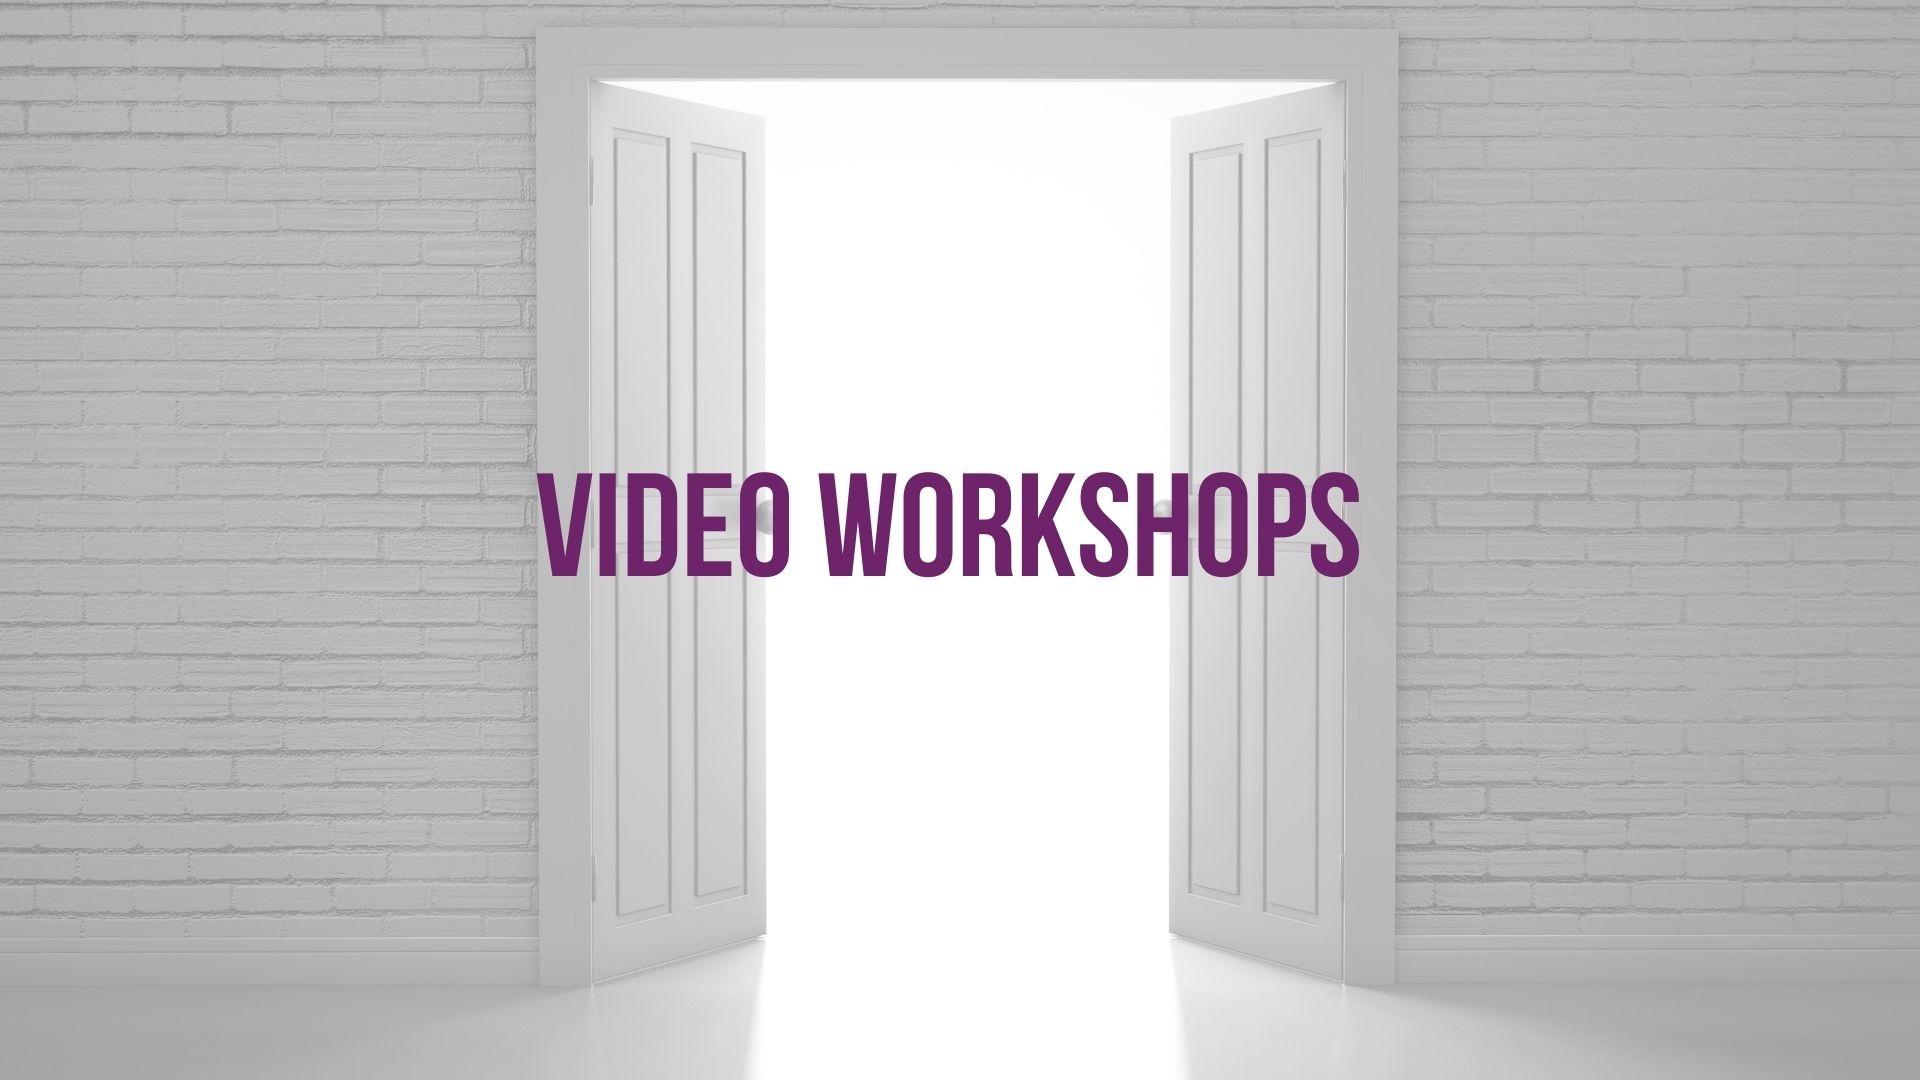 Video Workshops